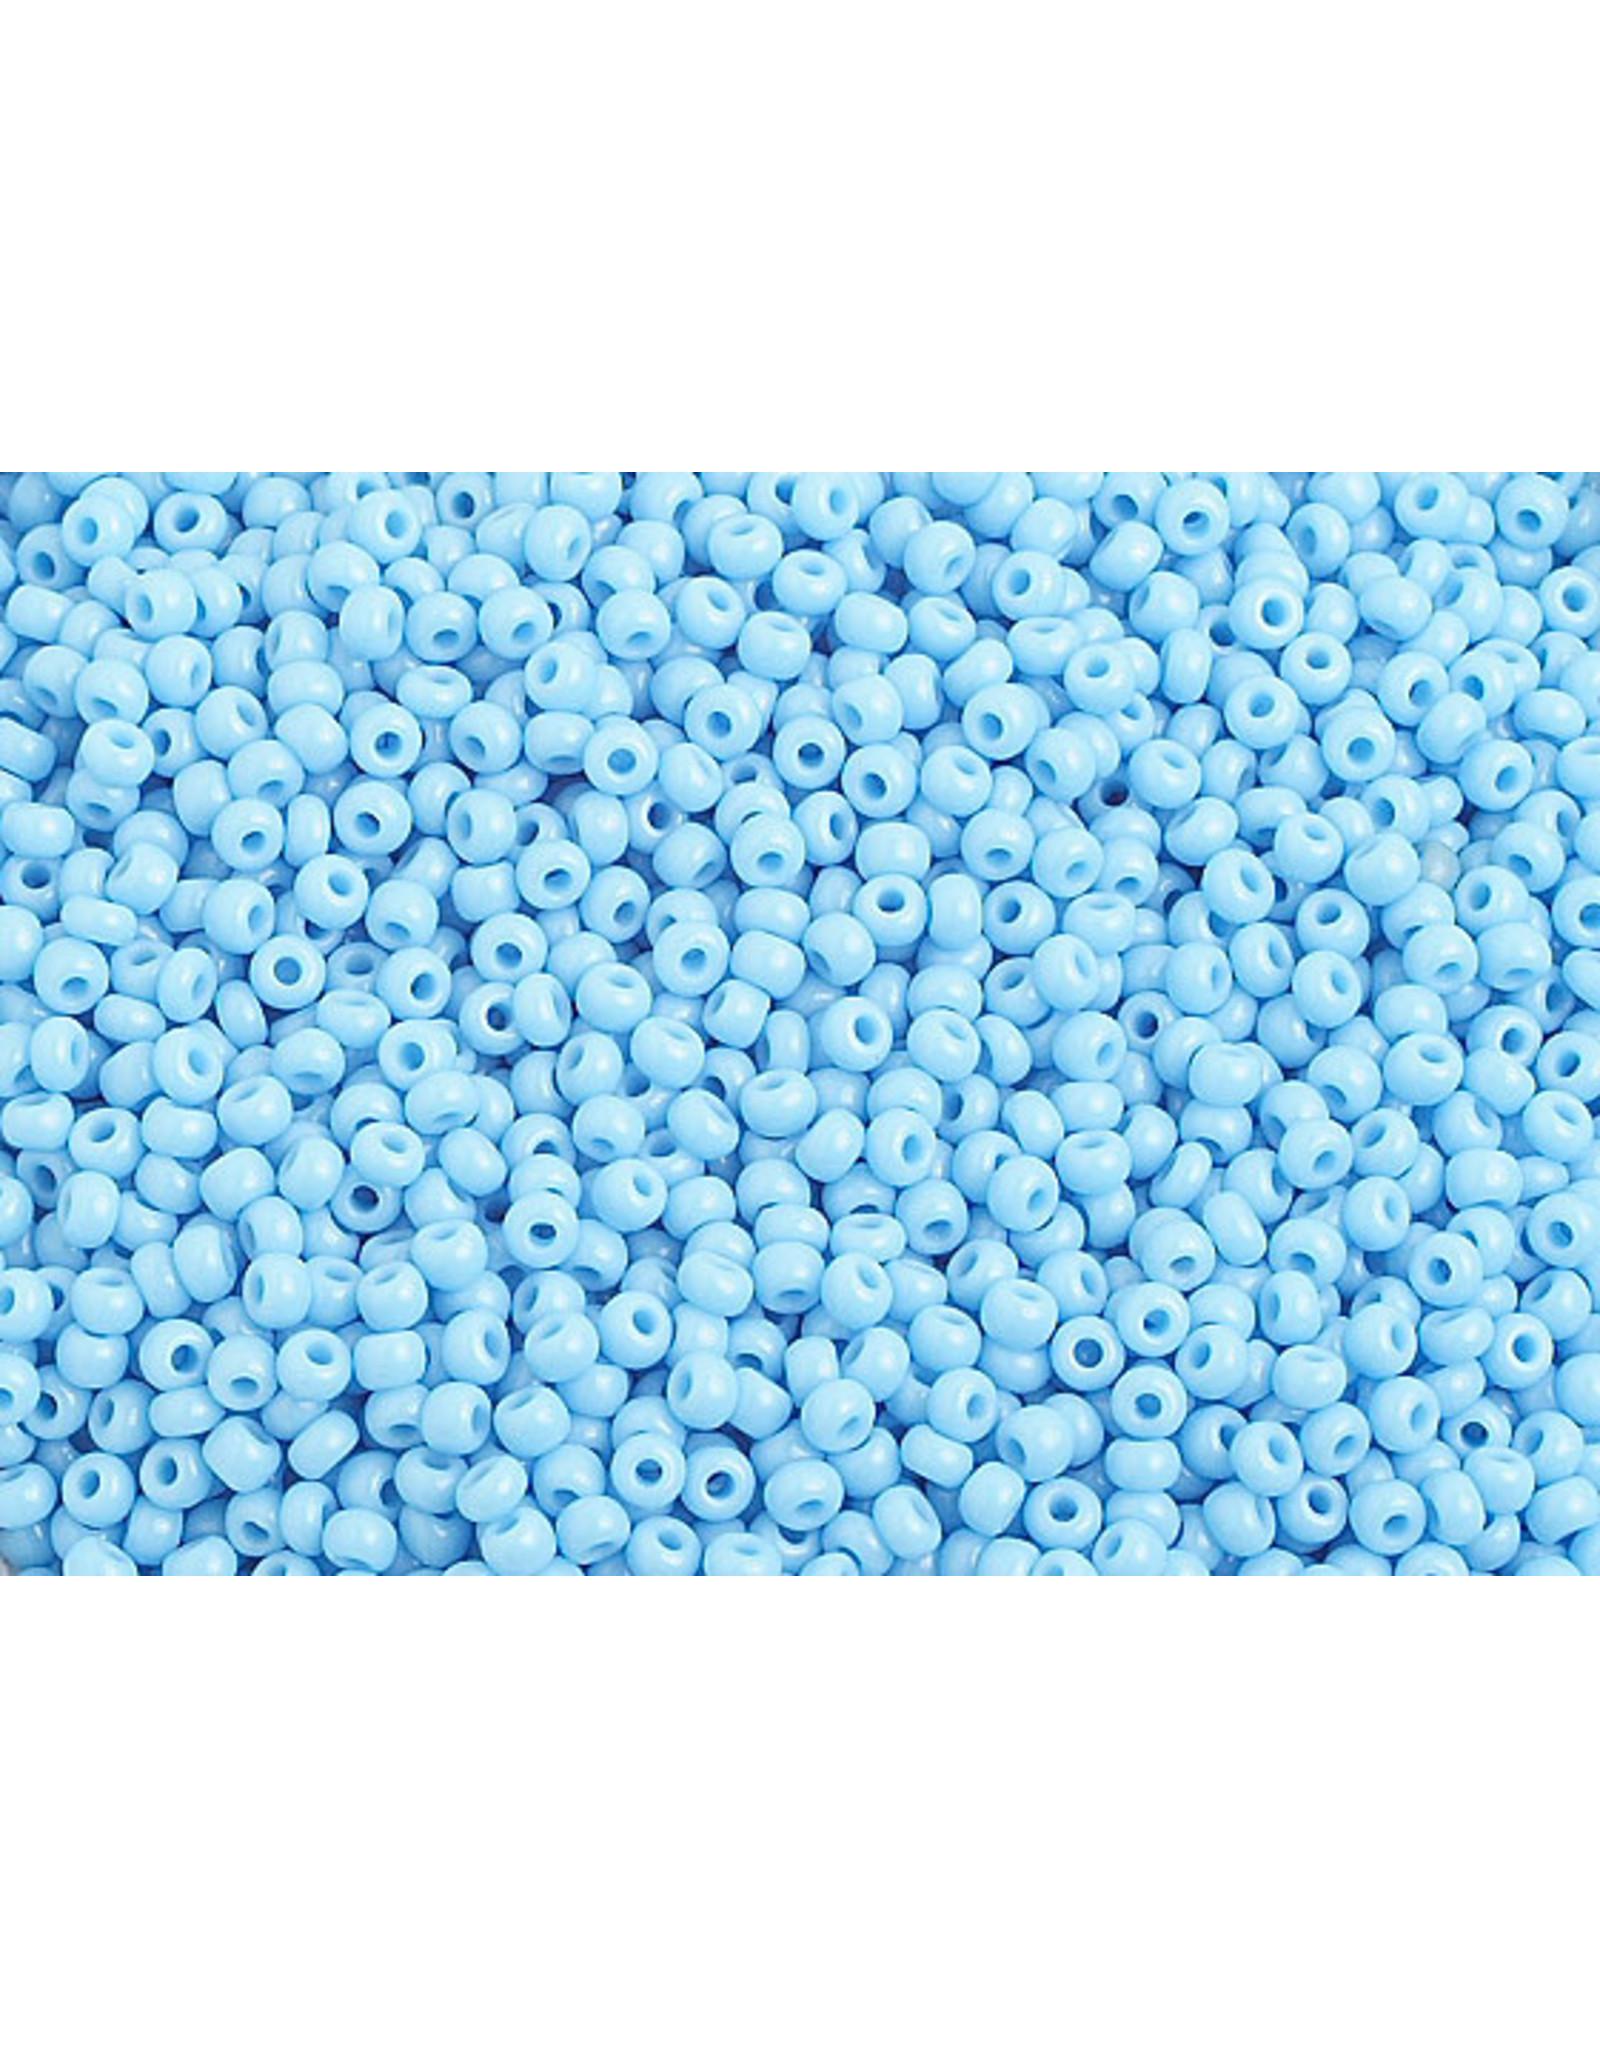 Czech 1010 10   Seed 20g Opaque Light Blue